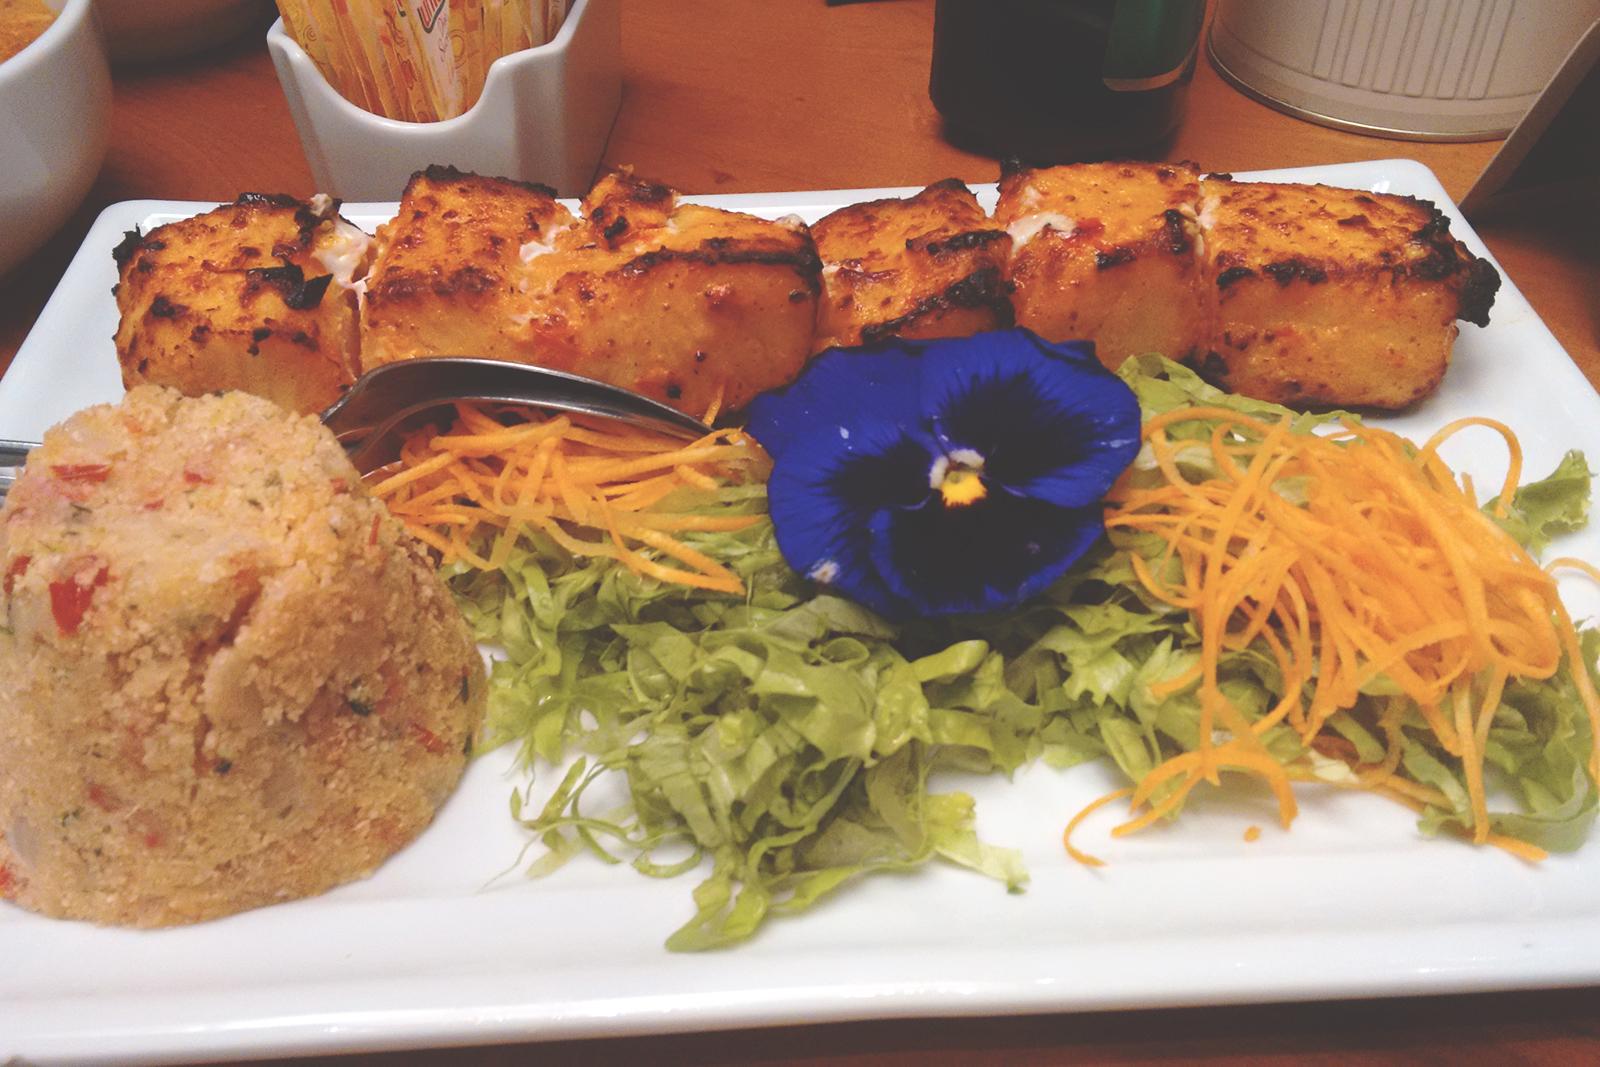 prato pintado espeto restaurante jangada campinas